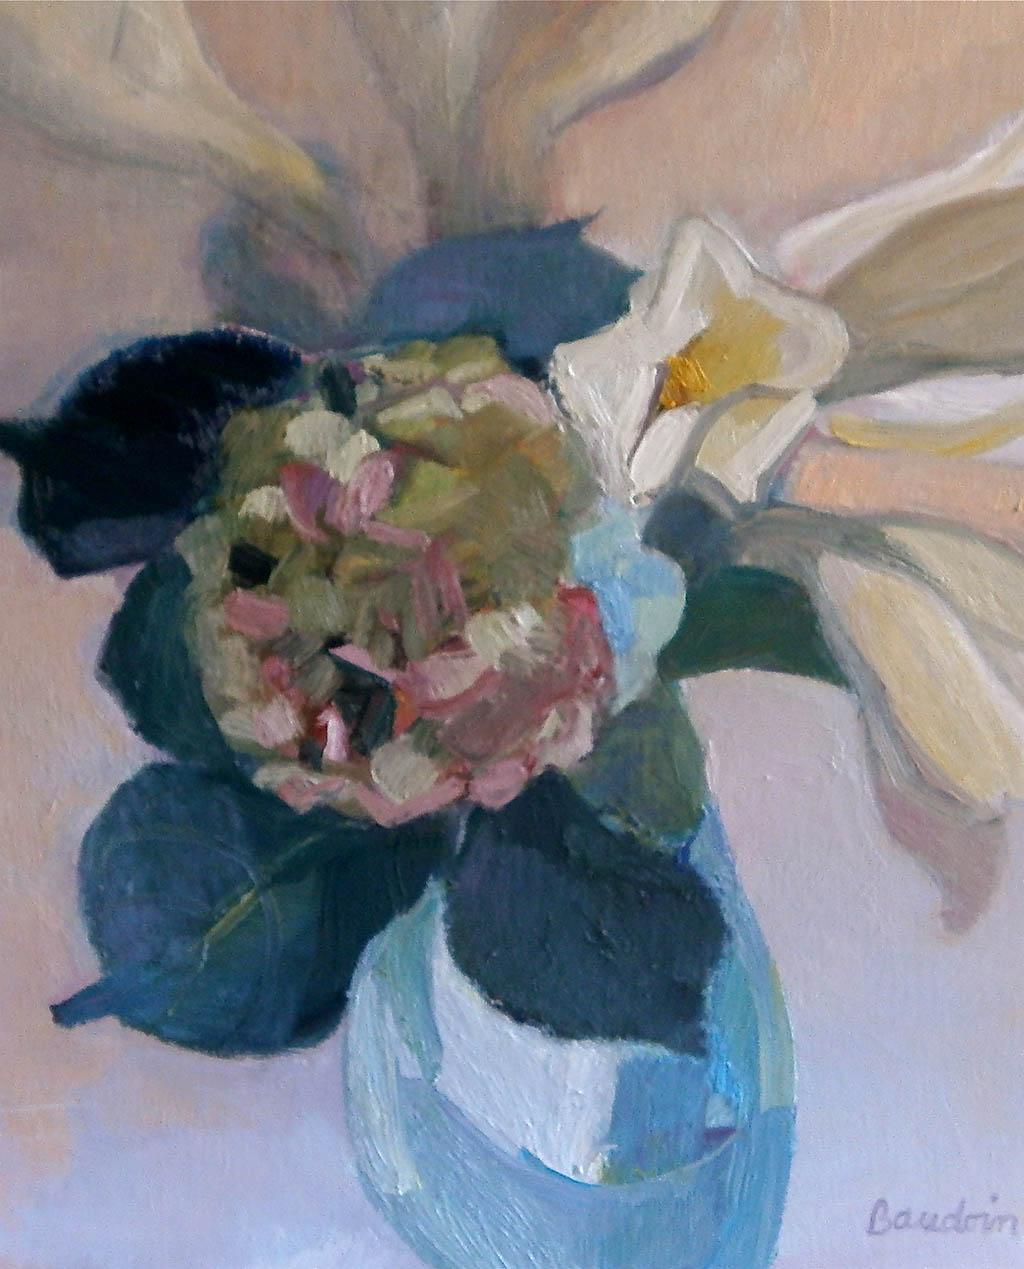 Hortensias dans le vase bleu - Huile sur toile 73X60